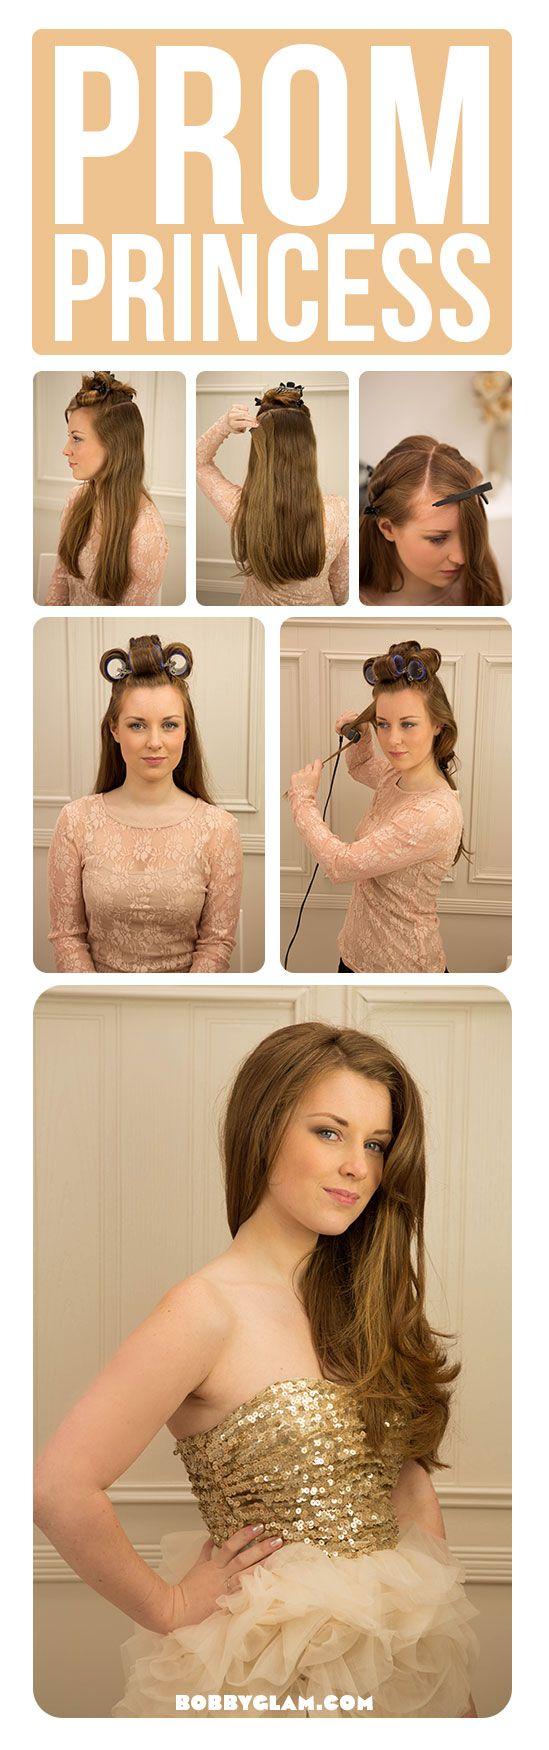 109 Besten Beautyy Bilder Auf Pinterest Frisuren Makeup Und